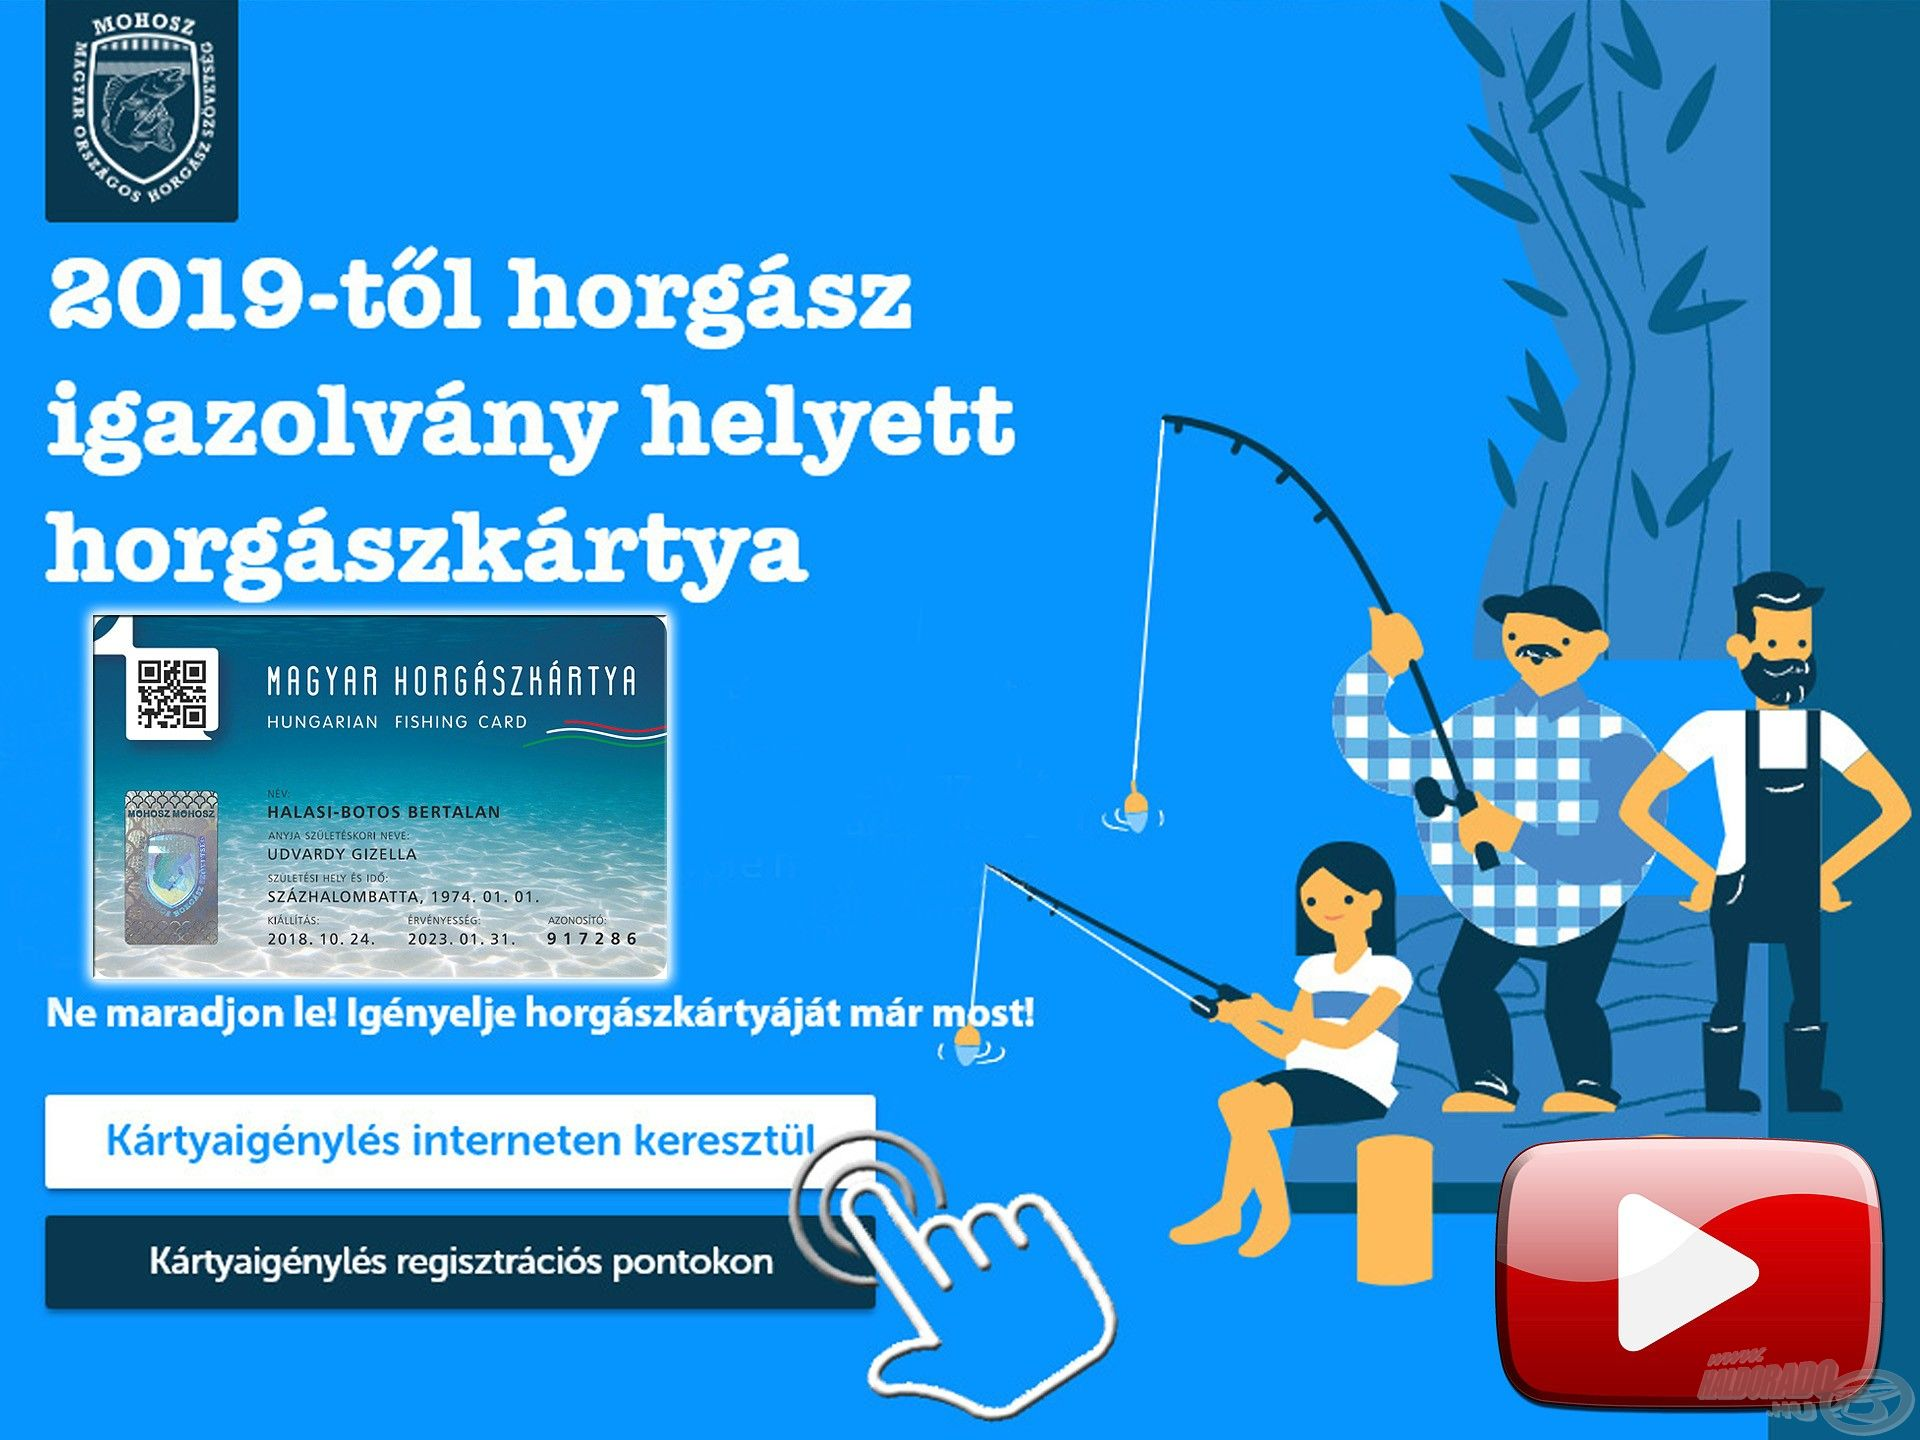 Elindult a Magyar Horgászkártyák legyártása, Te regisztráltál már? – Segítünk!